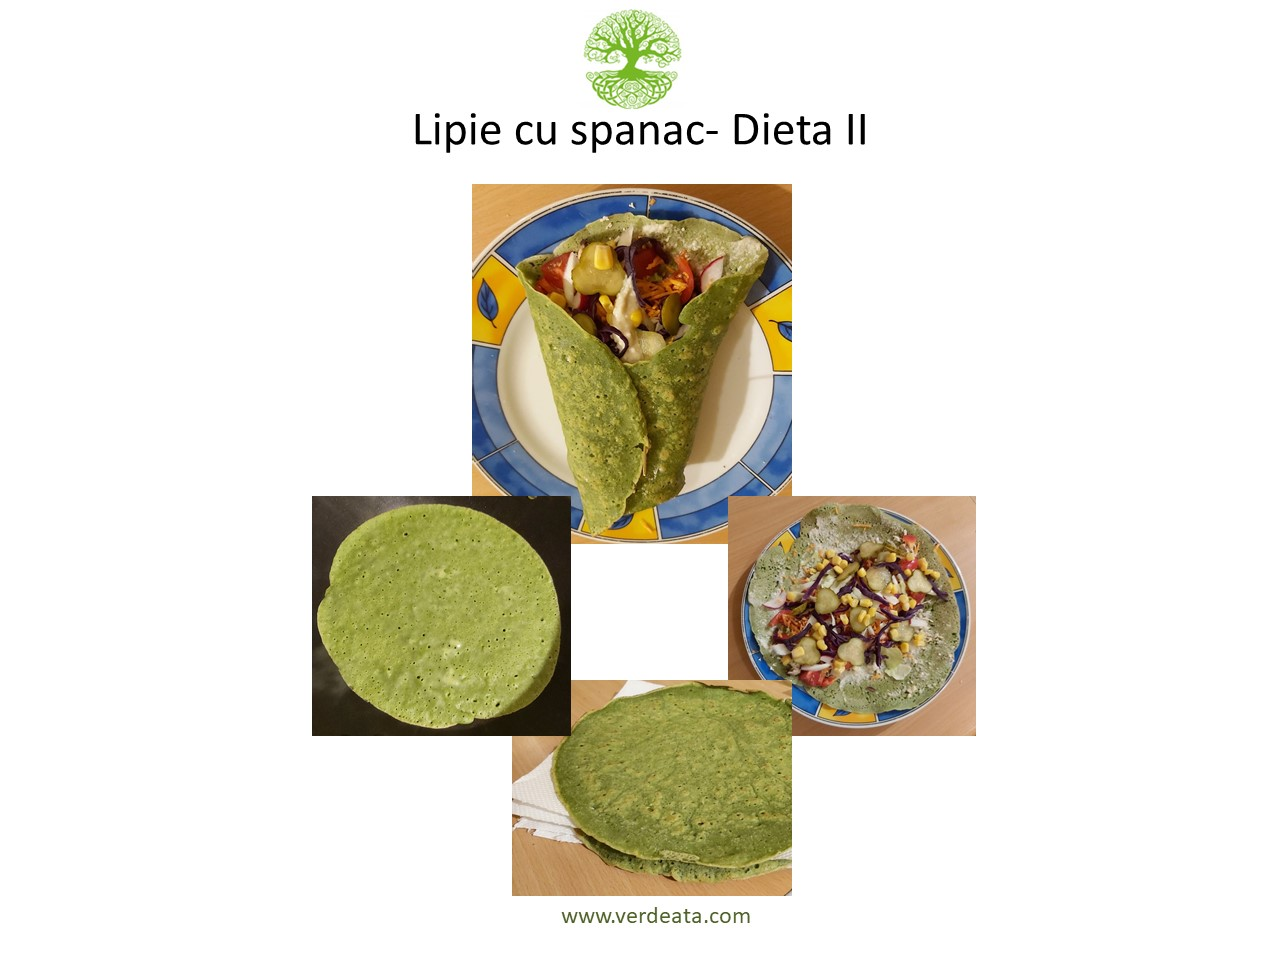 Lipie (sau clătită) cu spanac - Dieta II